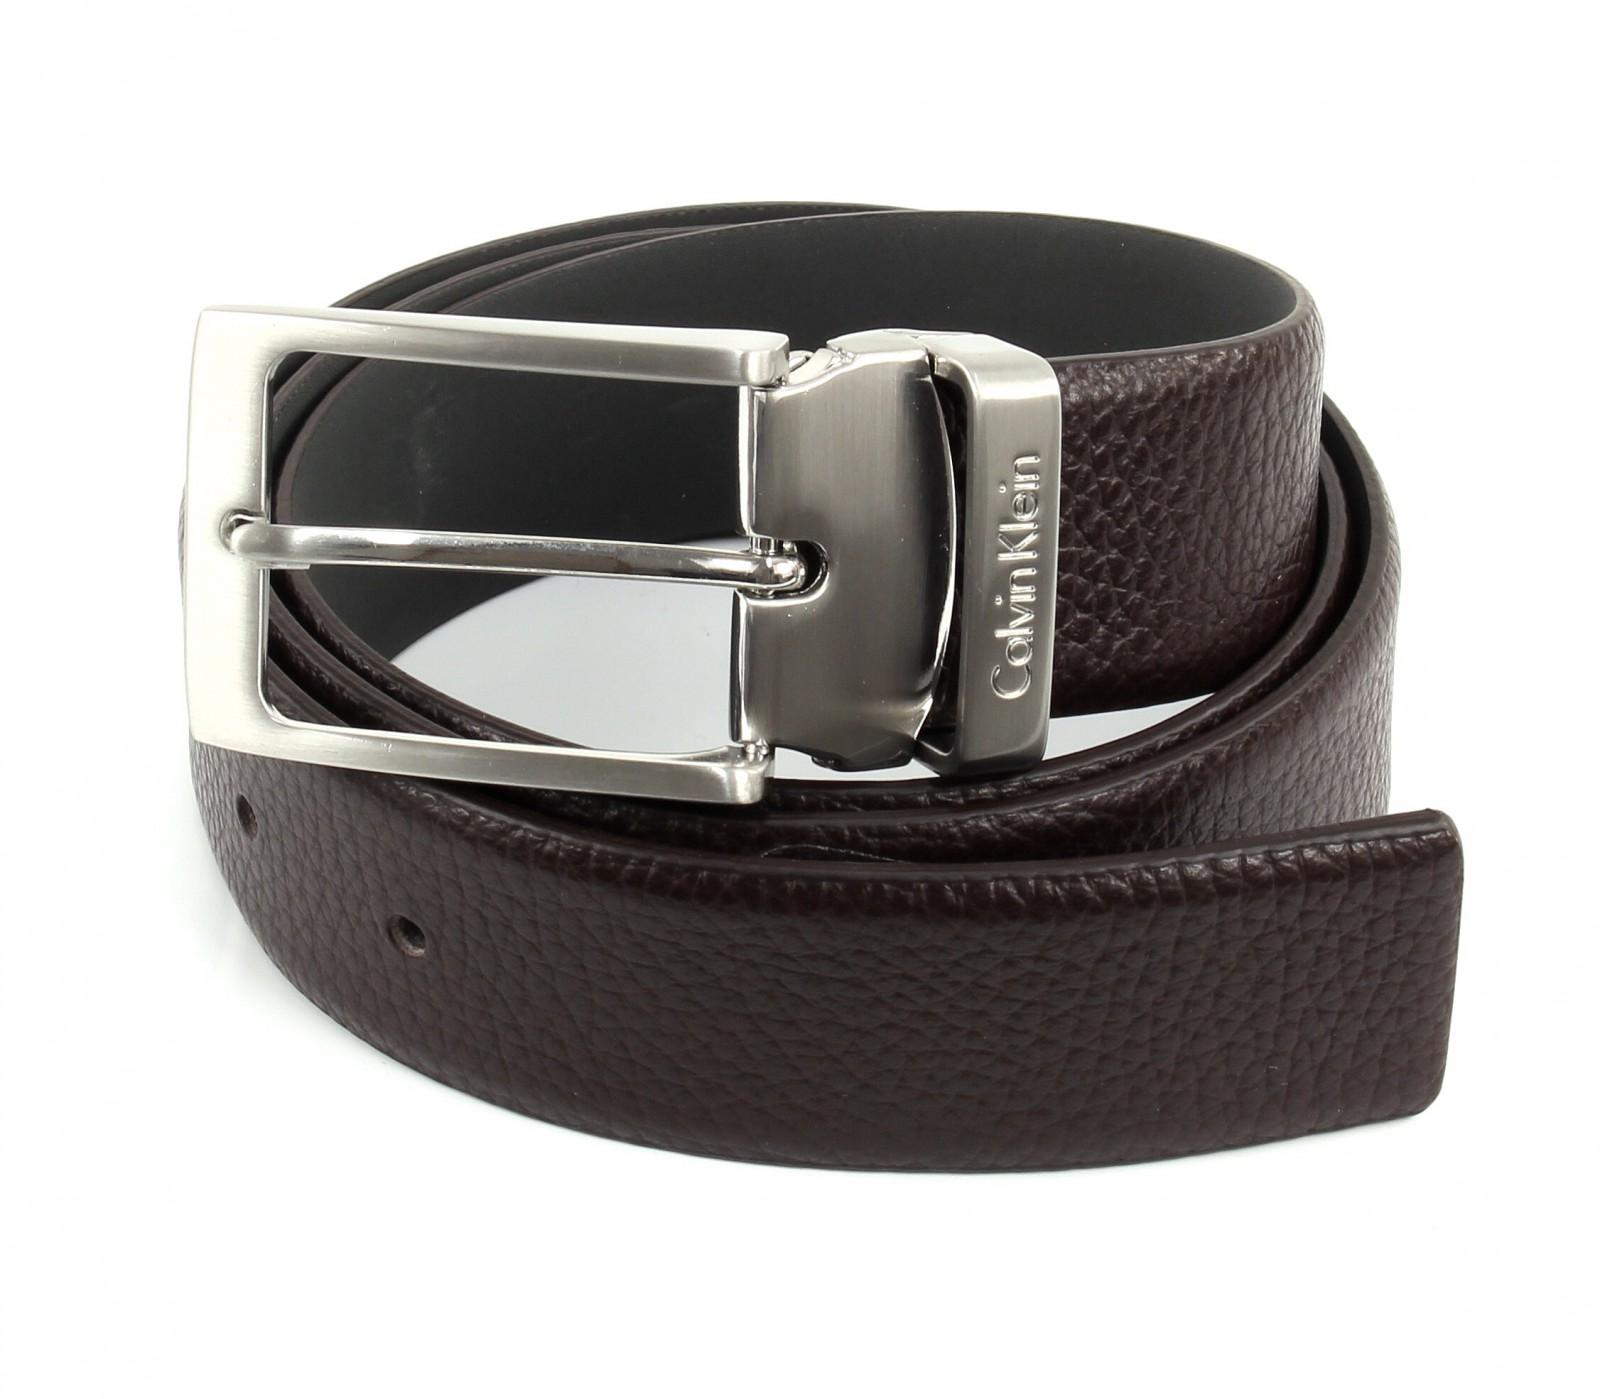 Calvin Klein Stand Alone Adjustable Pebble Belt W100 Dark Brown